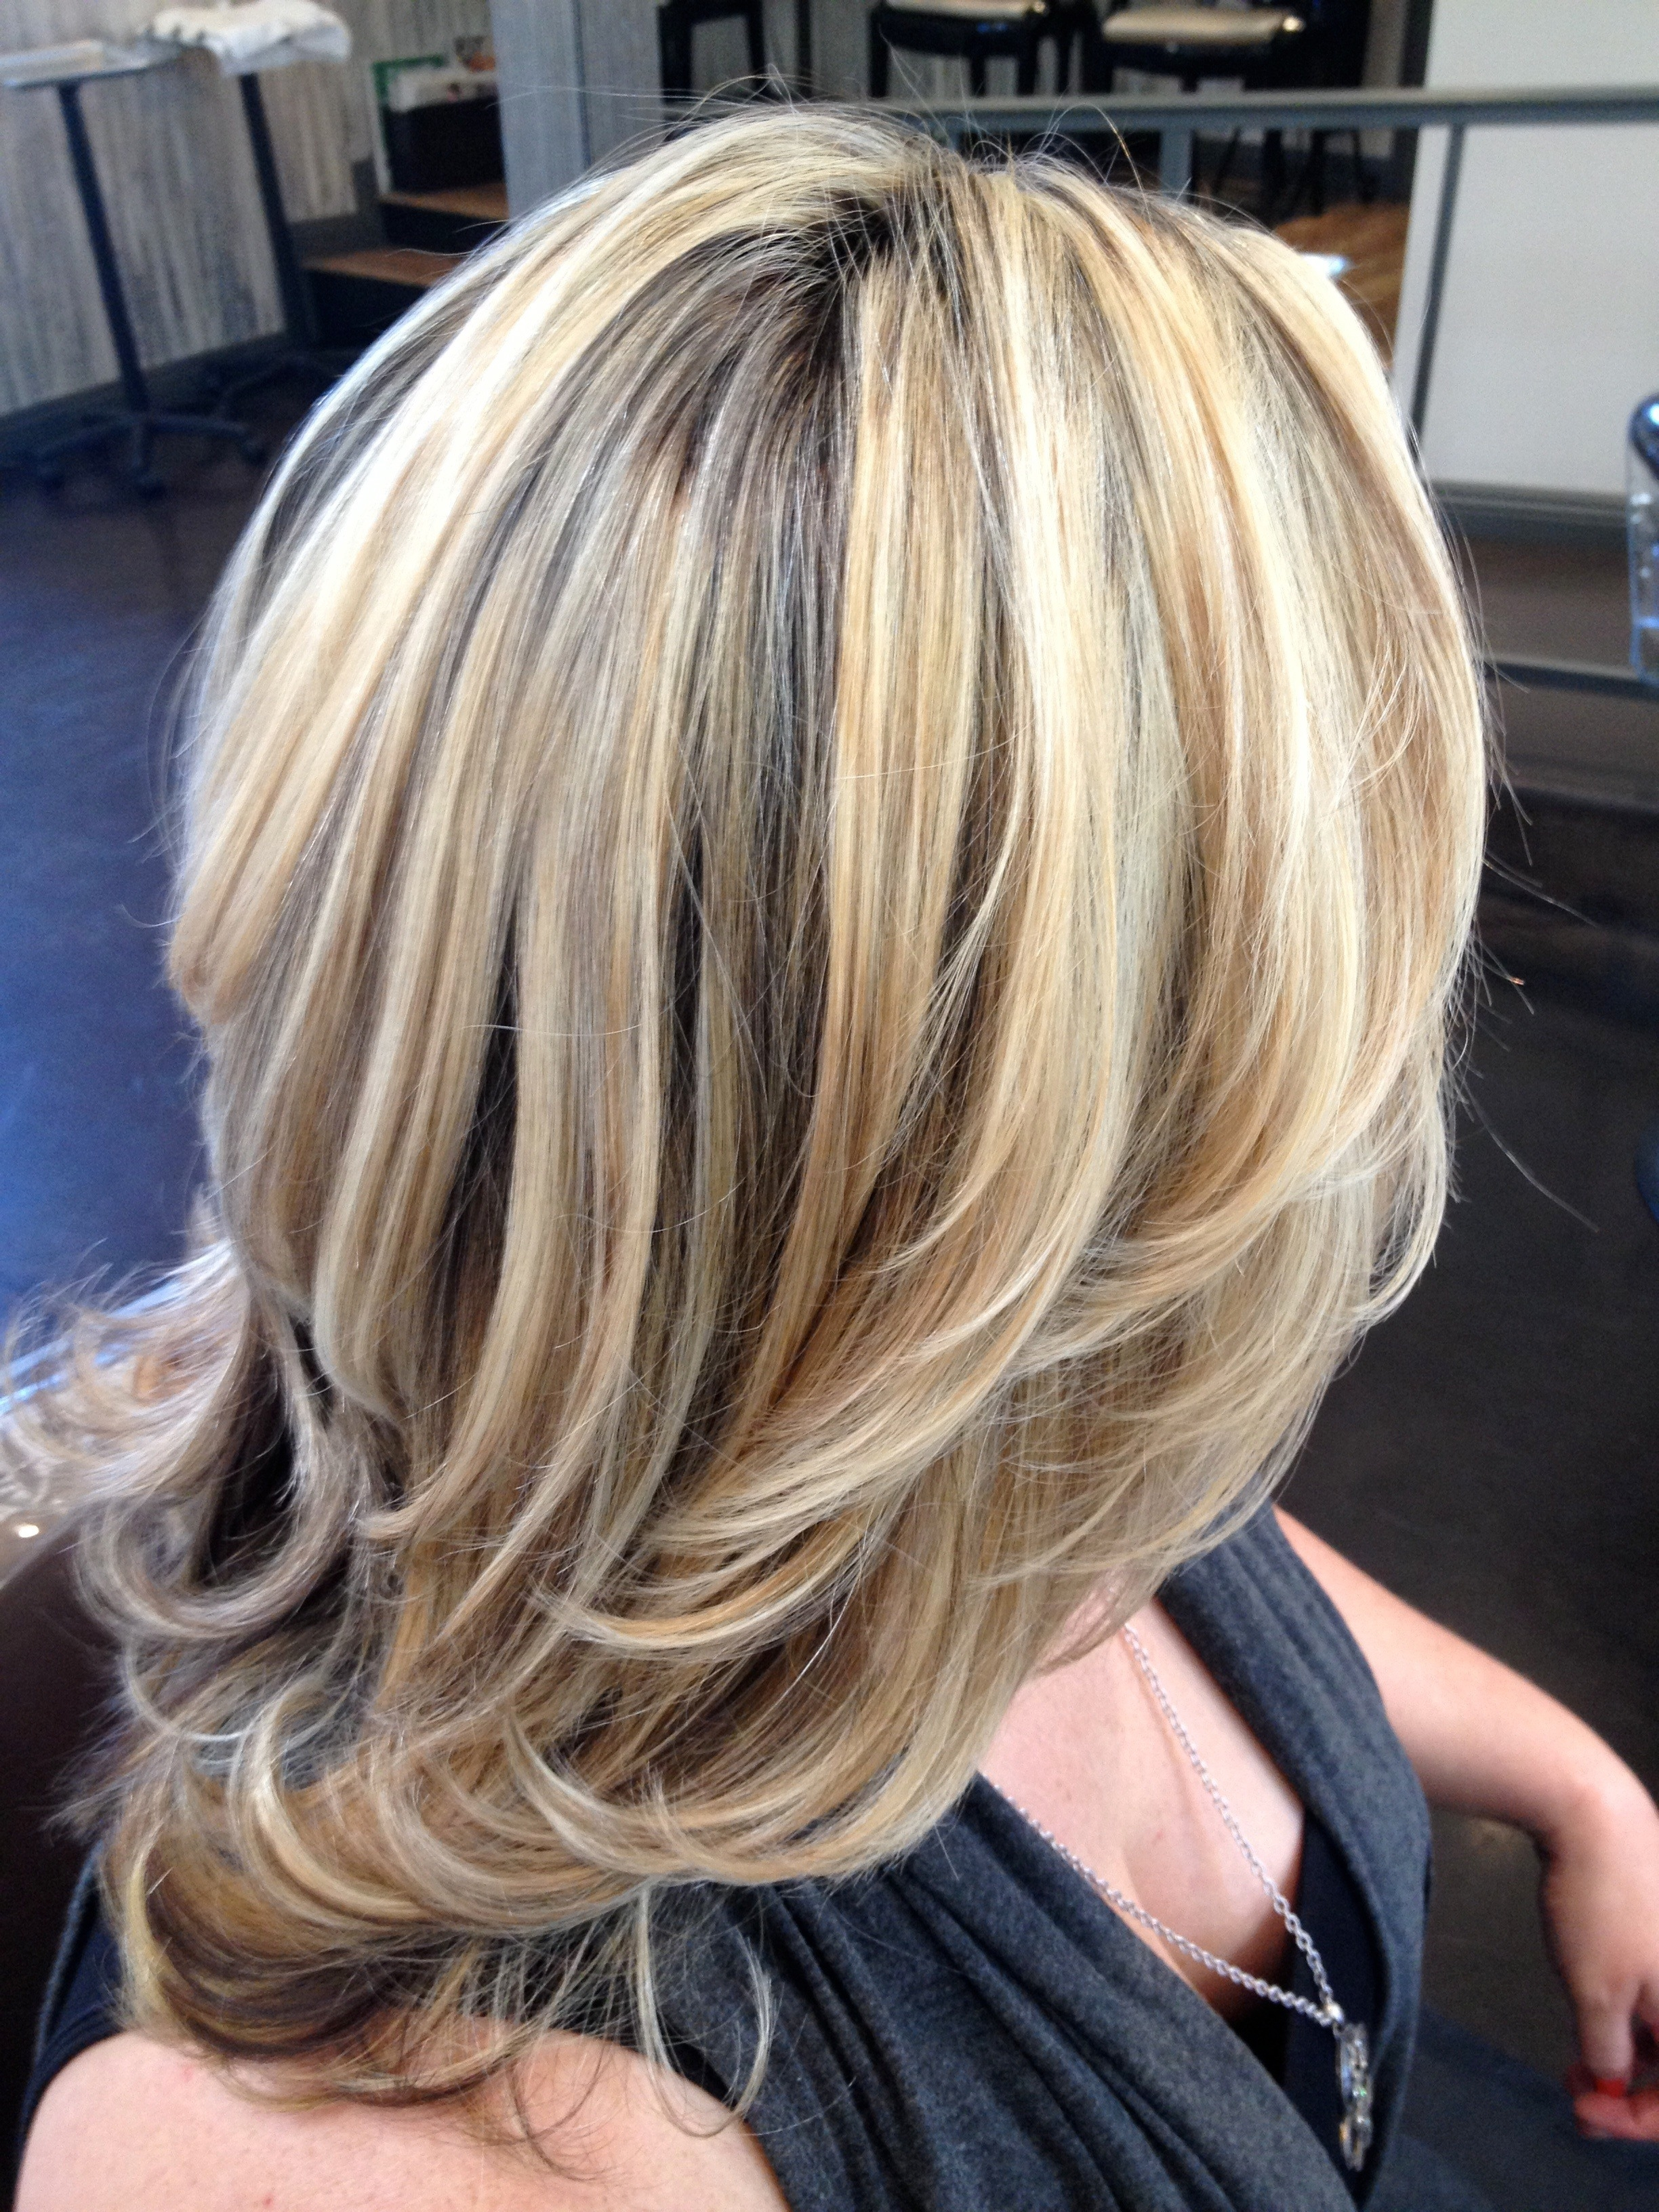 Колорирование на темные волосы средней длины. фото до и после окрашивания